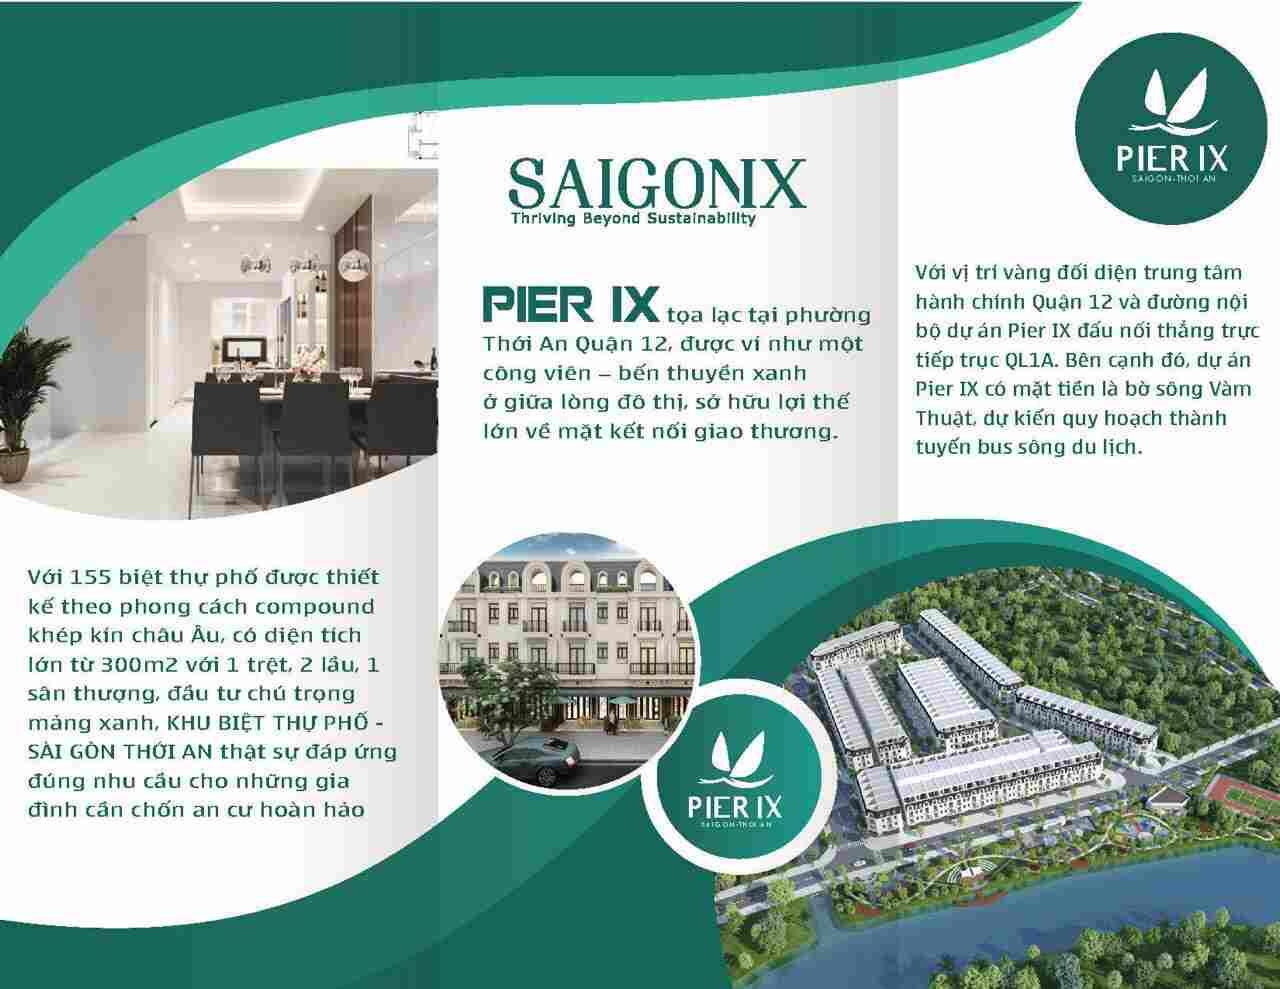 Pier IX Thới An Quận 12 - Thiết kế Tổng thể dự án đất nền nhà phố